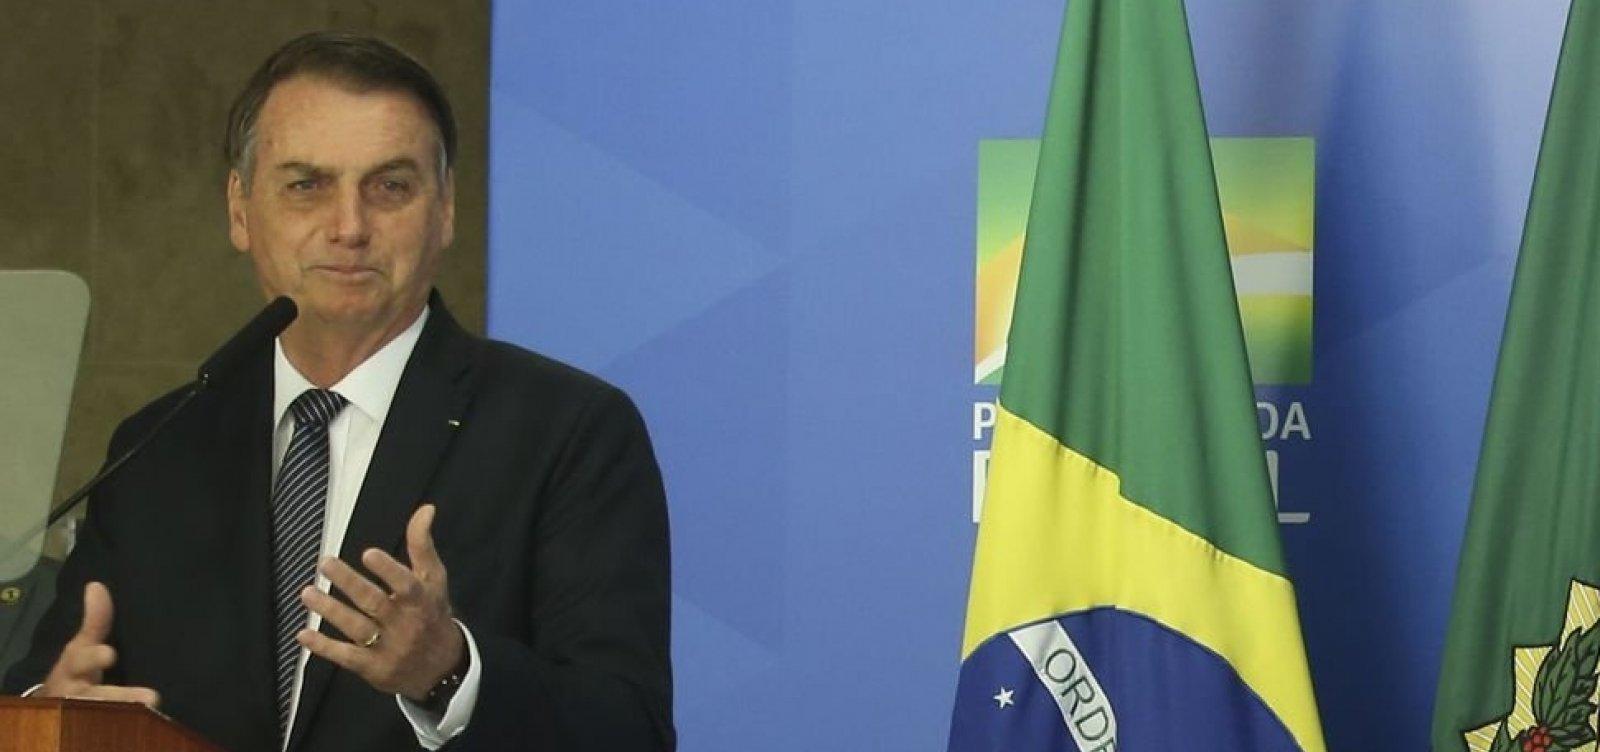 [Economia com reforma tem de ser ao menos de R$800 bi, diz Bolsonaro]